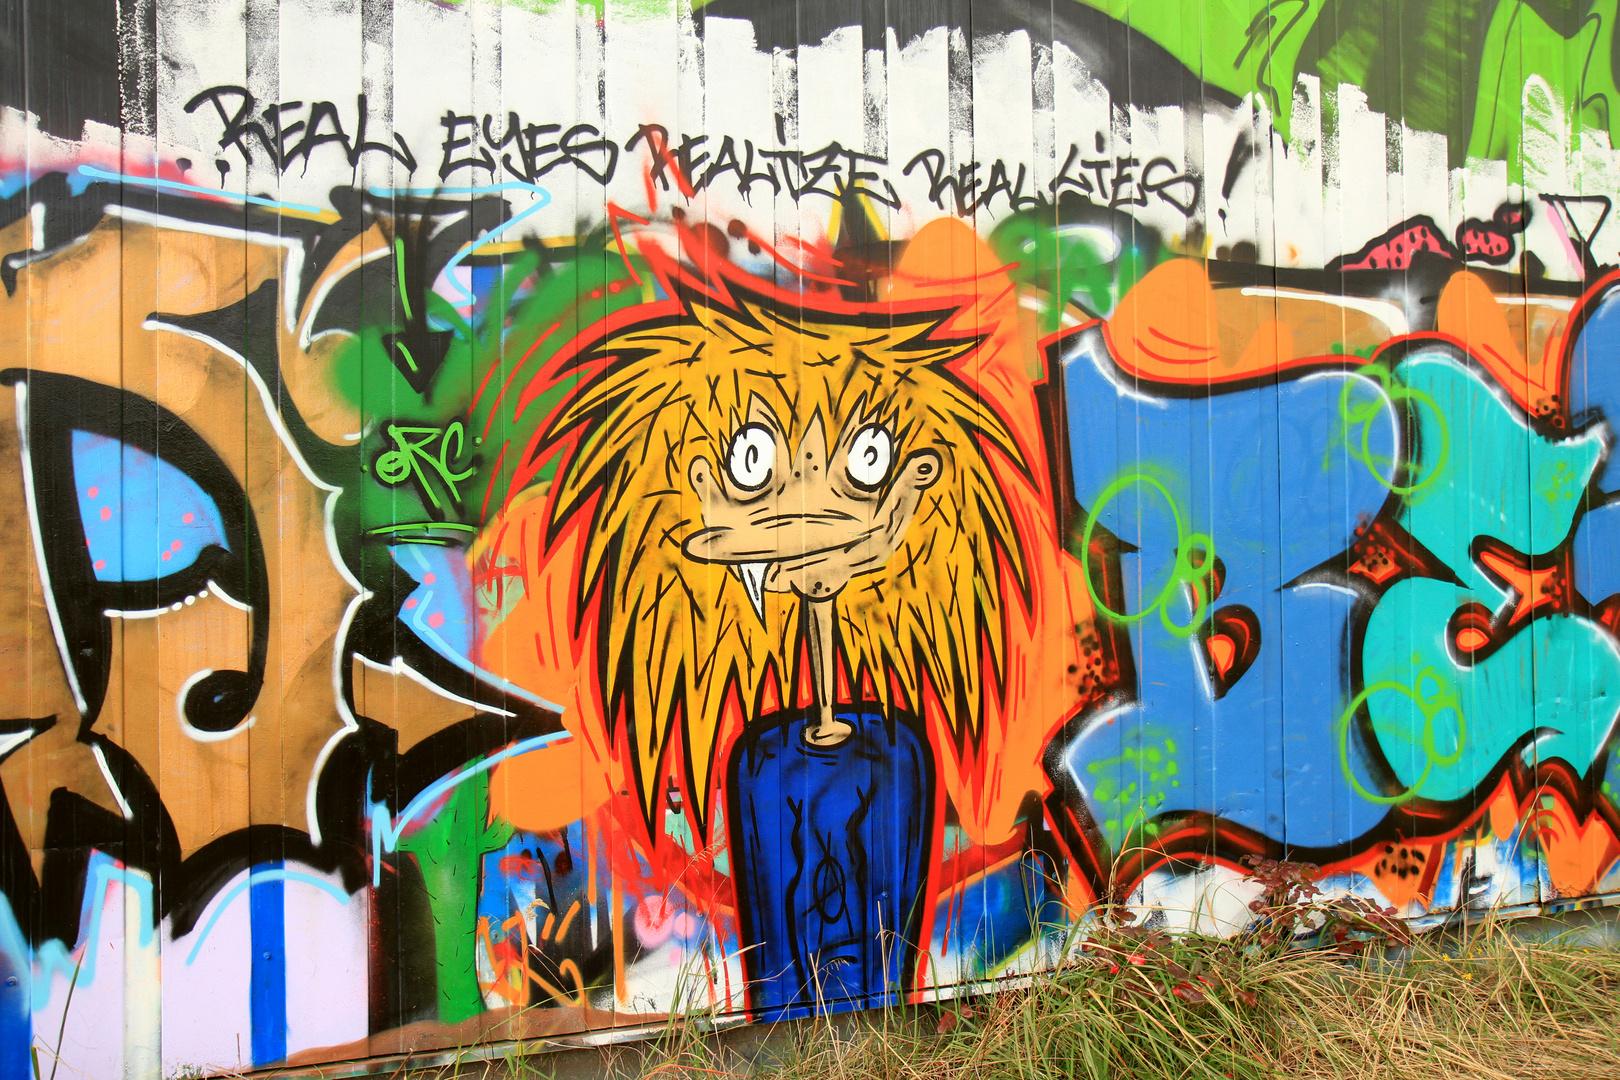 Verlassenes Bahnhofsgelände Graffiti 2